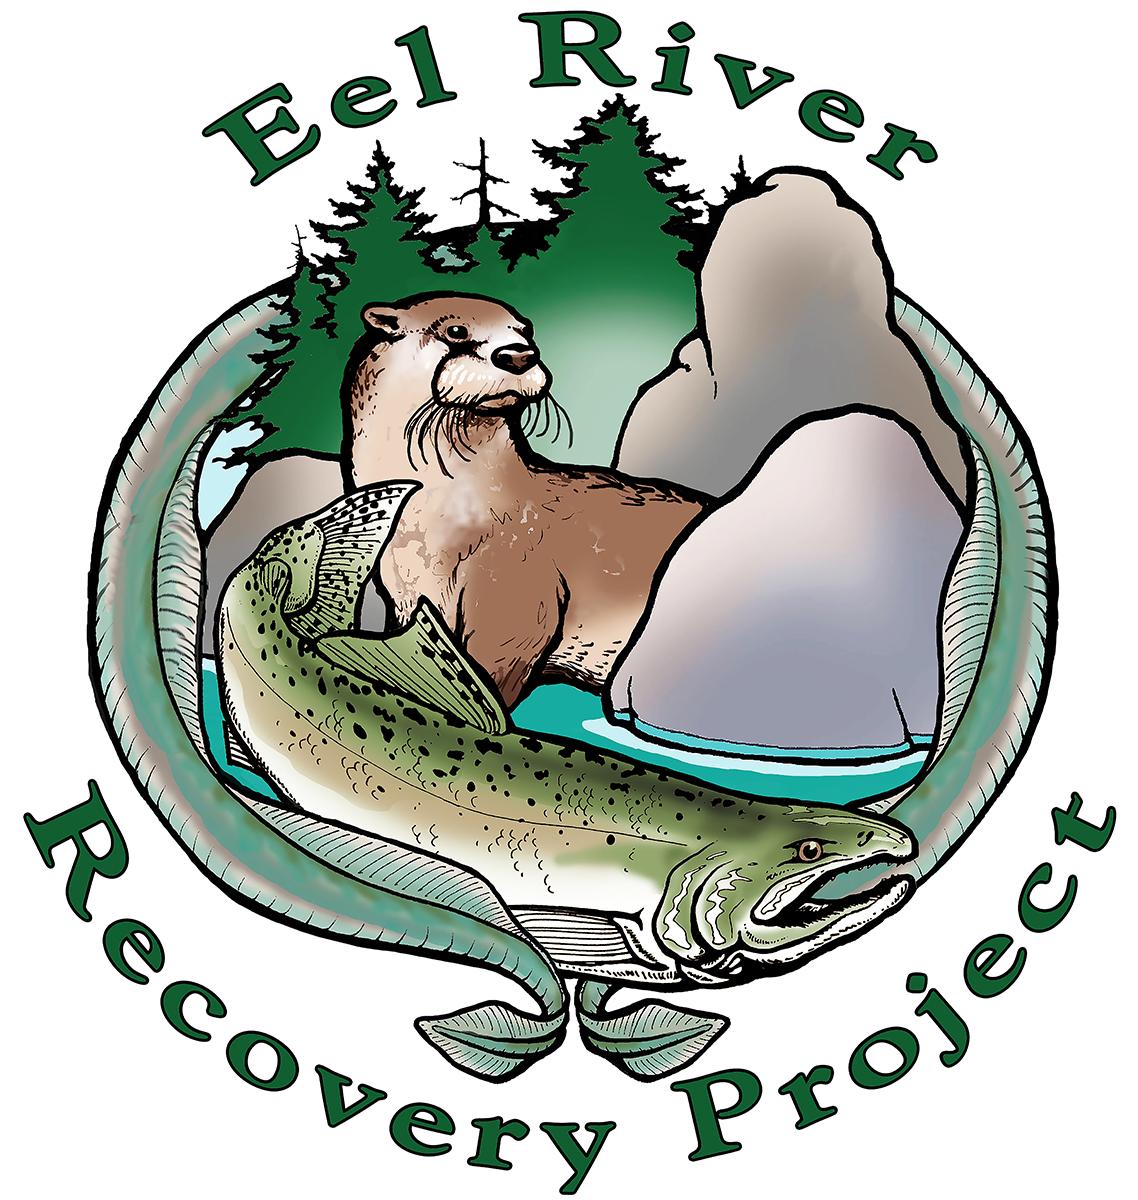 ERRP new logo_1138x1200.jpg